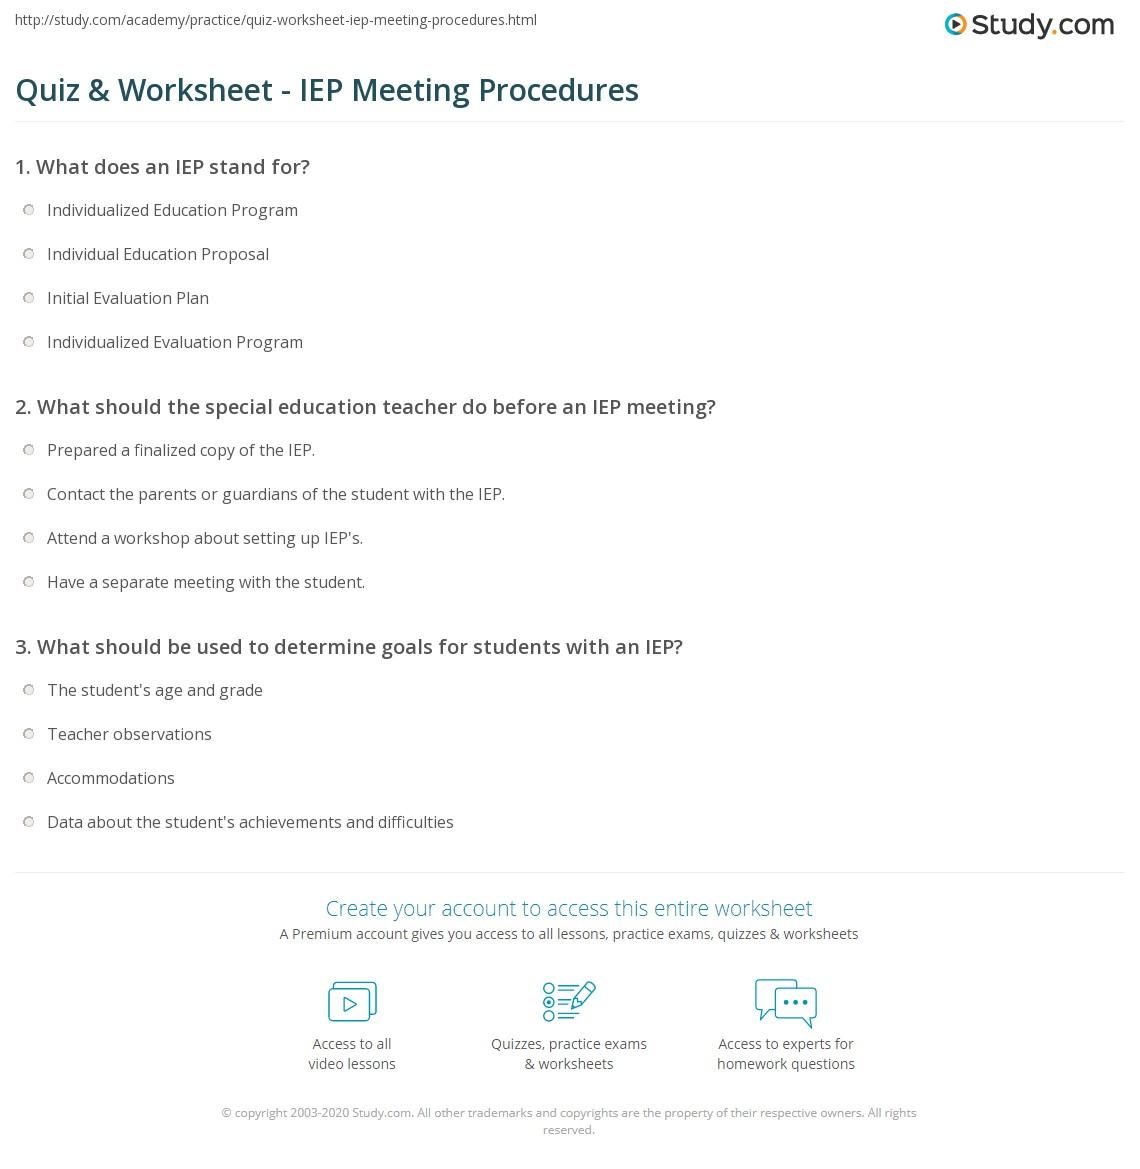 Quiz worksheet iep meeting procedures study print iep meeting procedures worksheet maxwellsz